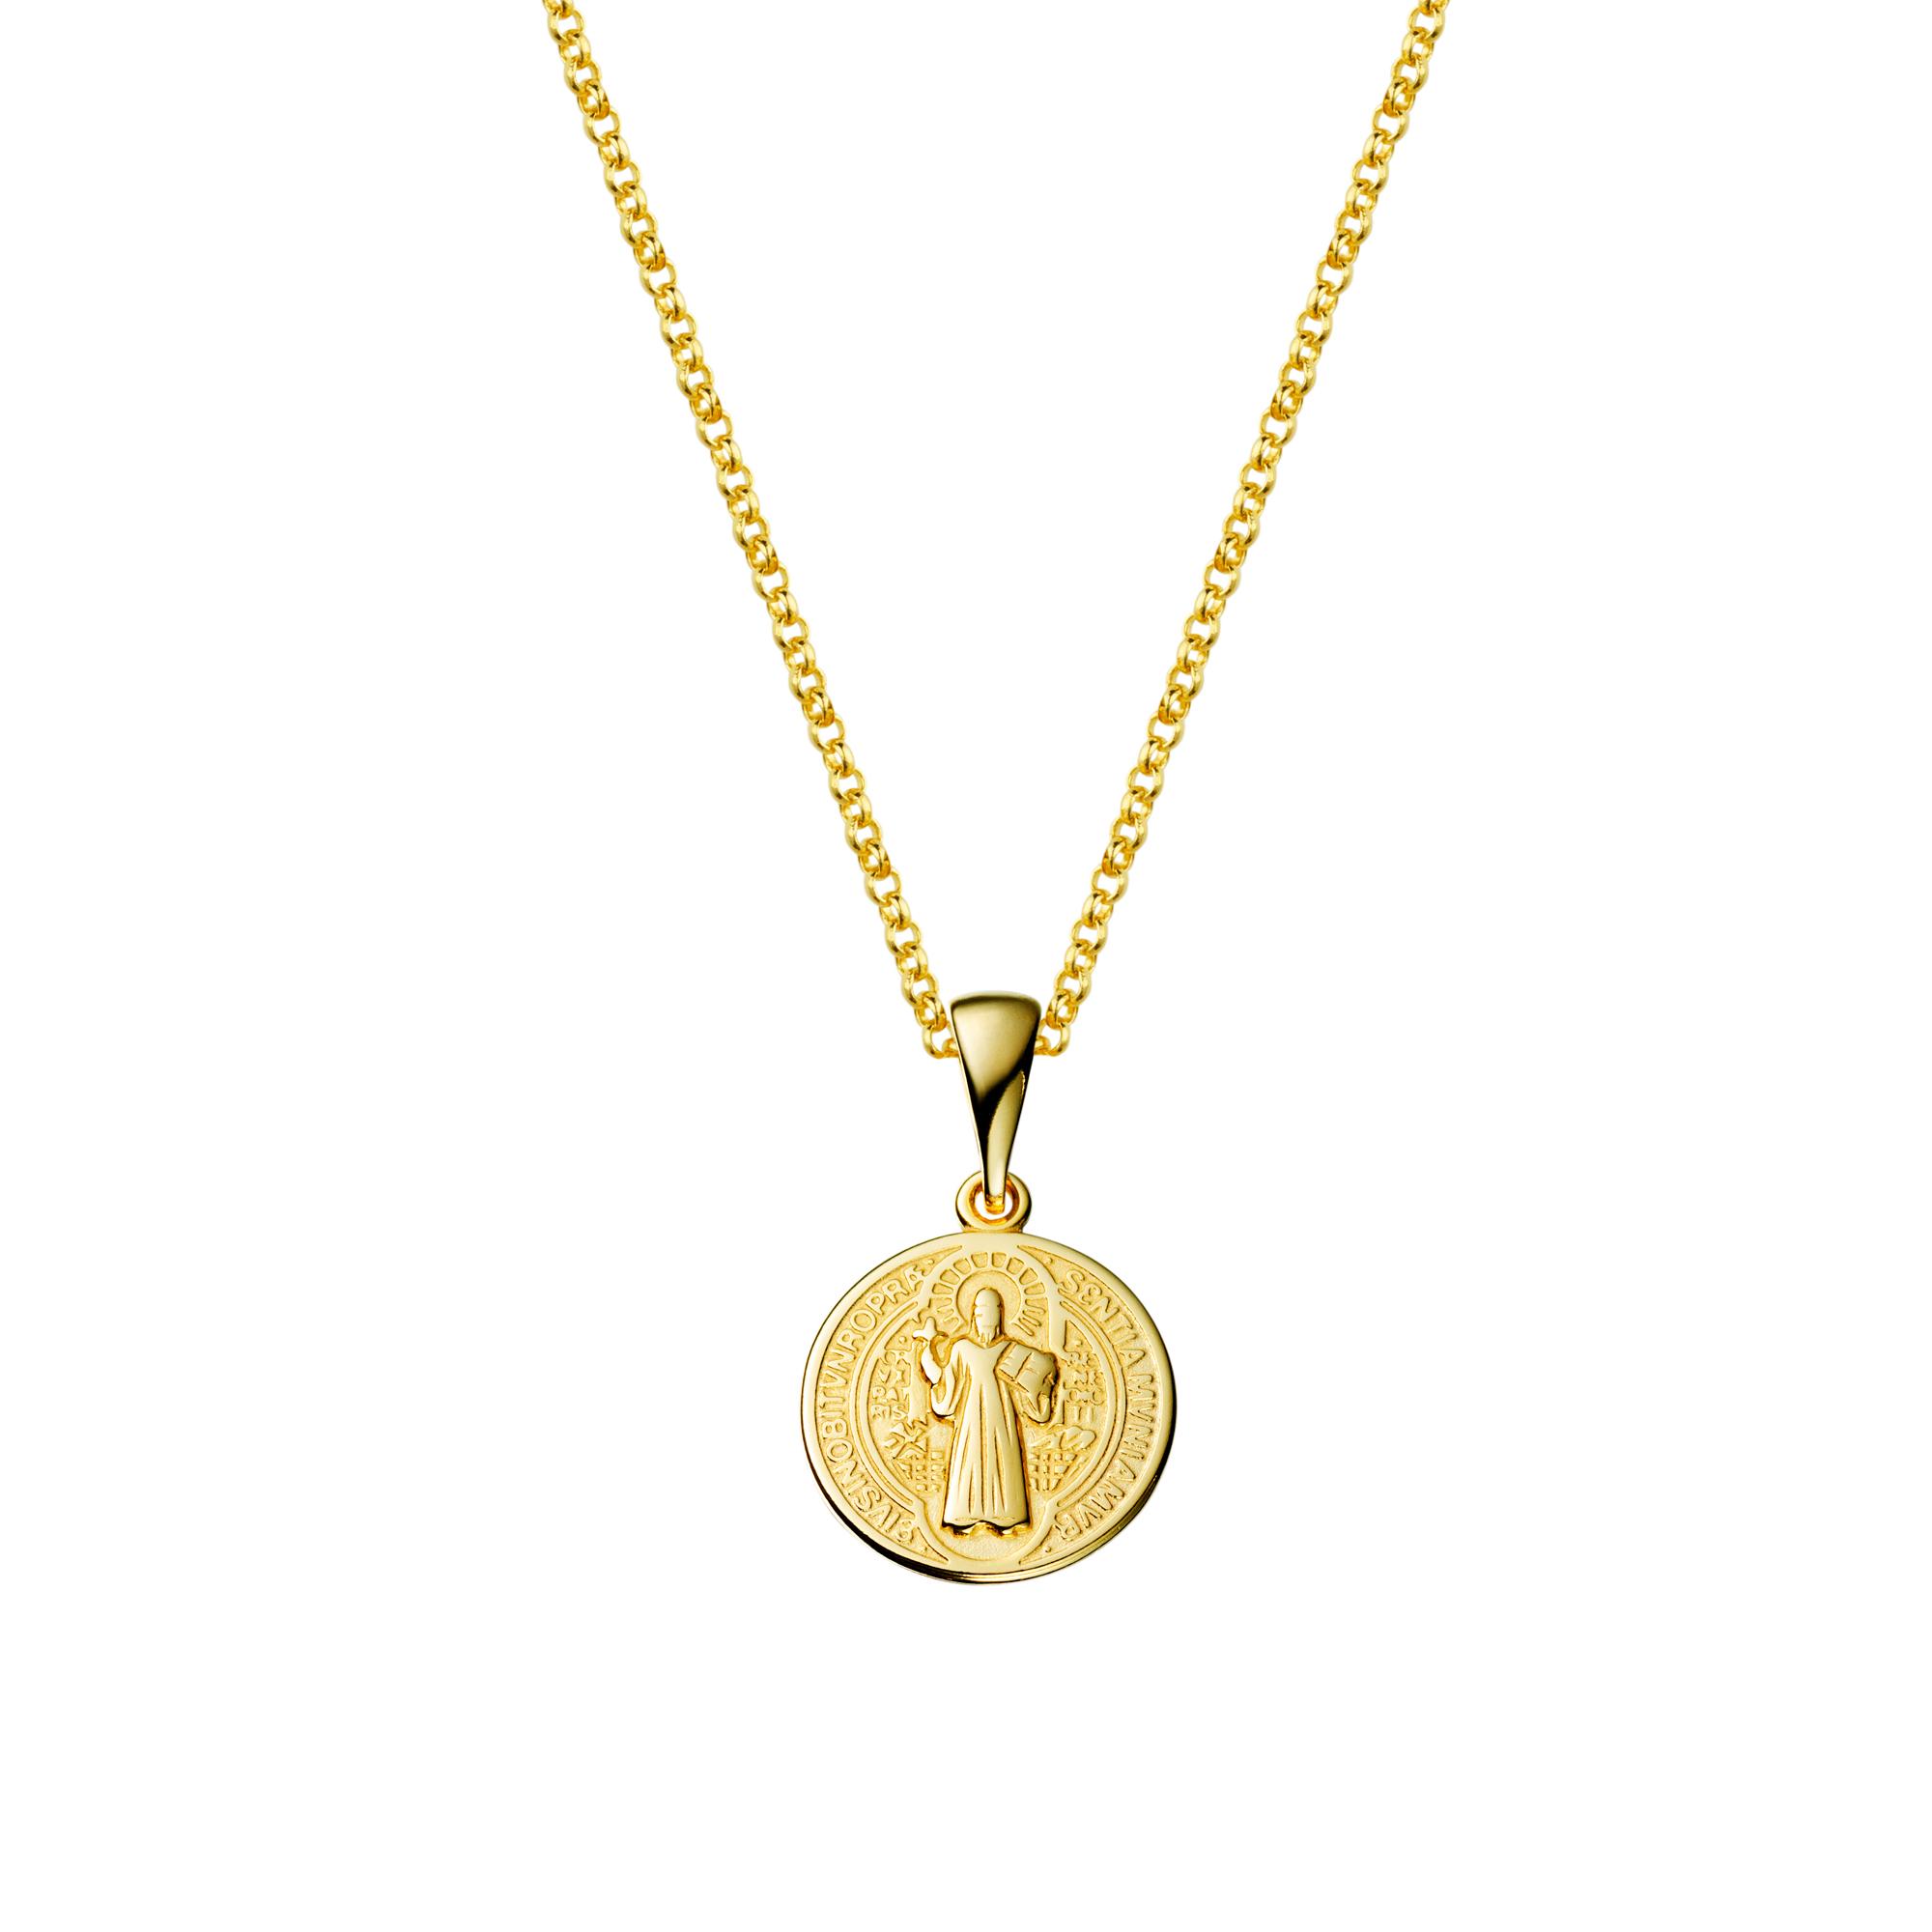 Brilho Folheados - Colar com Medalha São Bento Pequena 3debf8b5f2